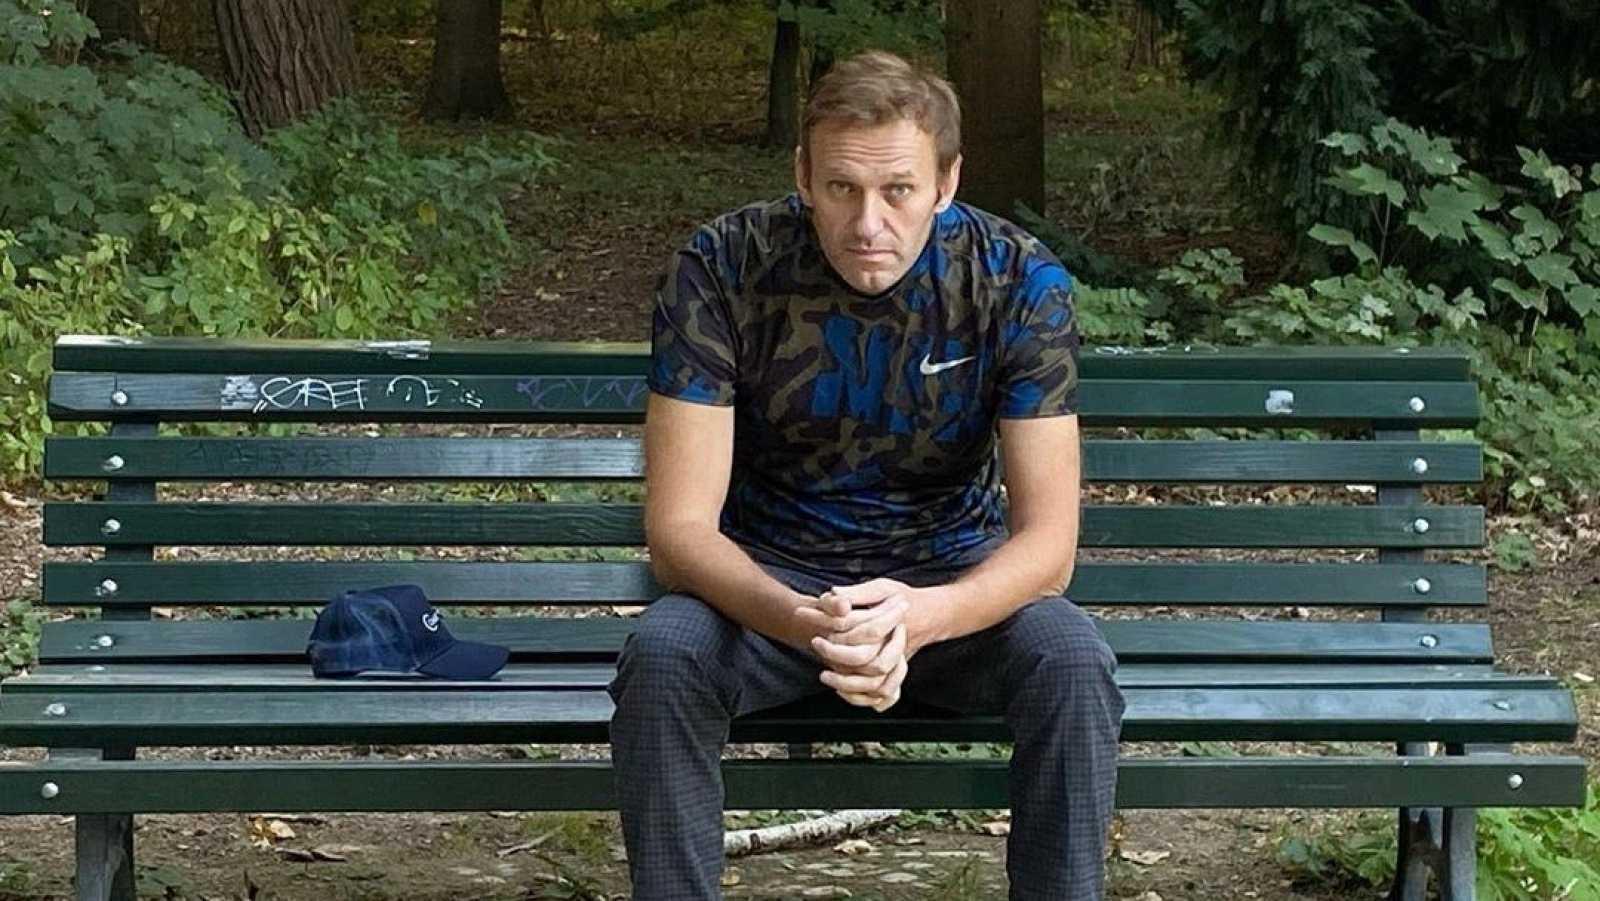 Una foto reciente, sin fecha, facilitada por el líder de la oposición rusa Alexei Navalny a través de su sitio de Instagram, muestra a Navalny sentado en un banco en un lugar no revelado.